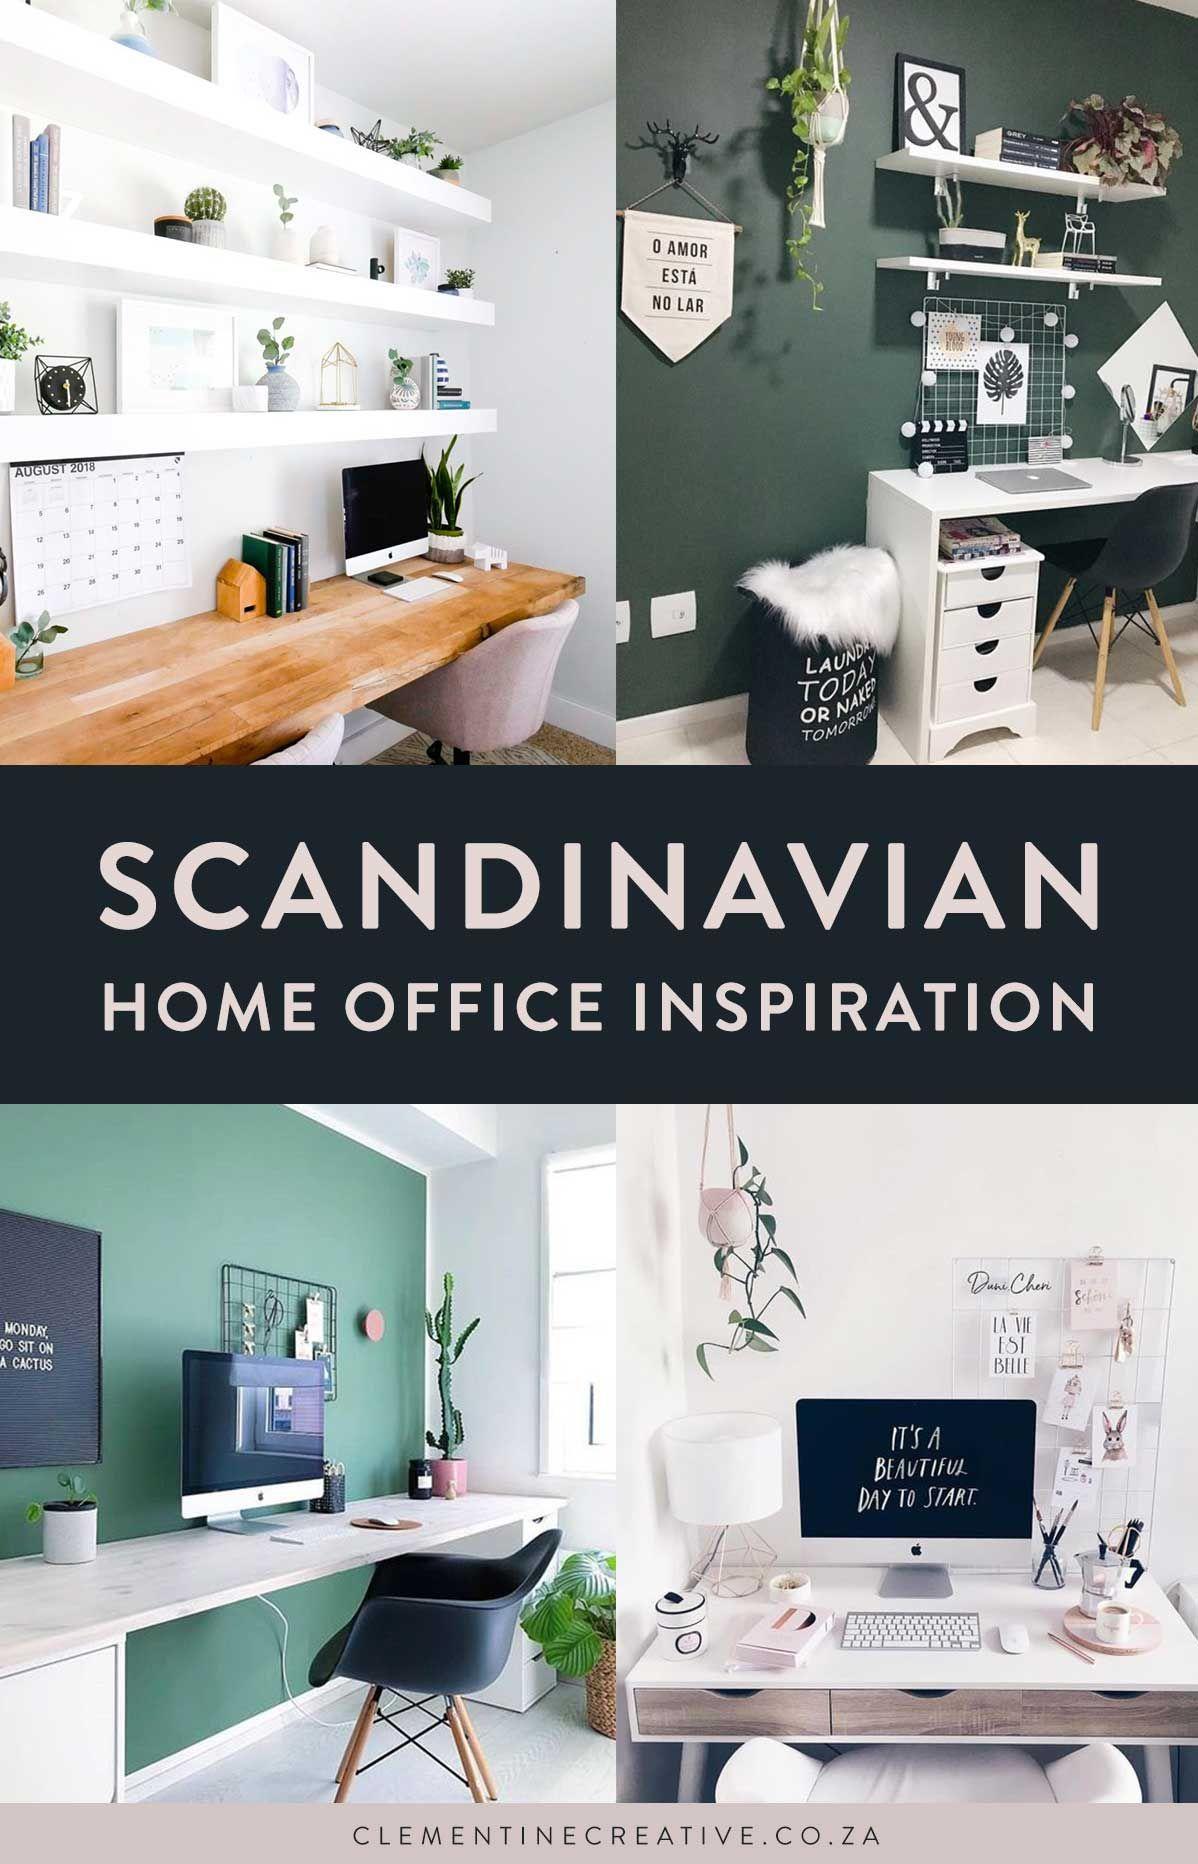 Scandinavian Workspace Inspiration 6 Modern Home Office Ideas Workspace Inspiration Office Inspiration Workspaces Modern Home Office